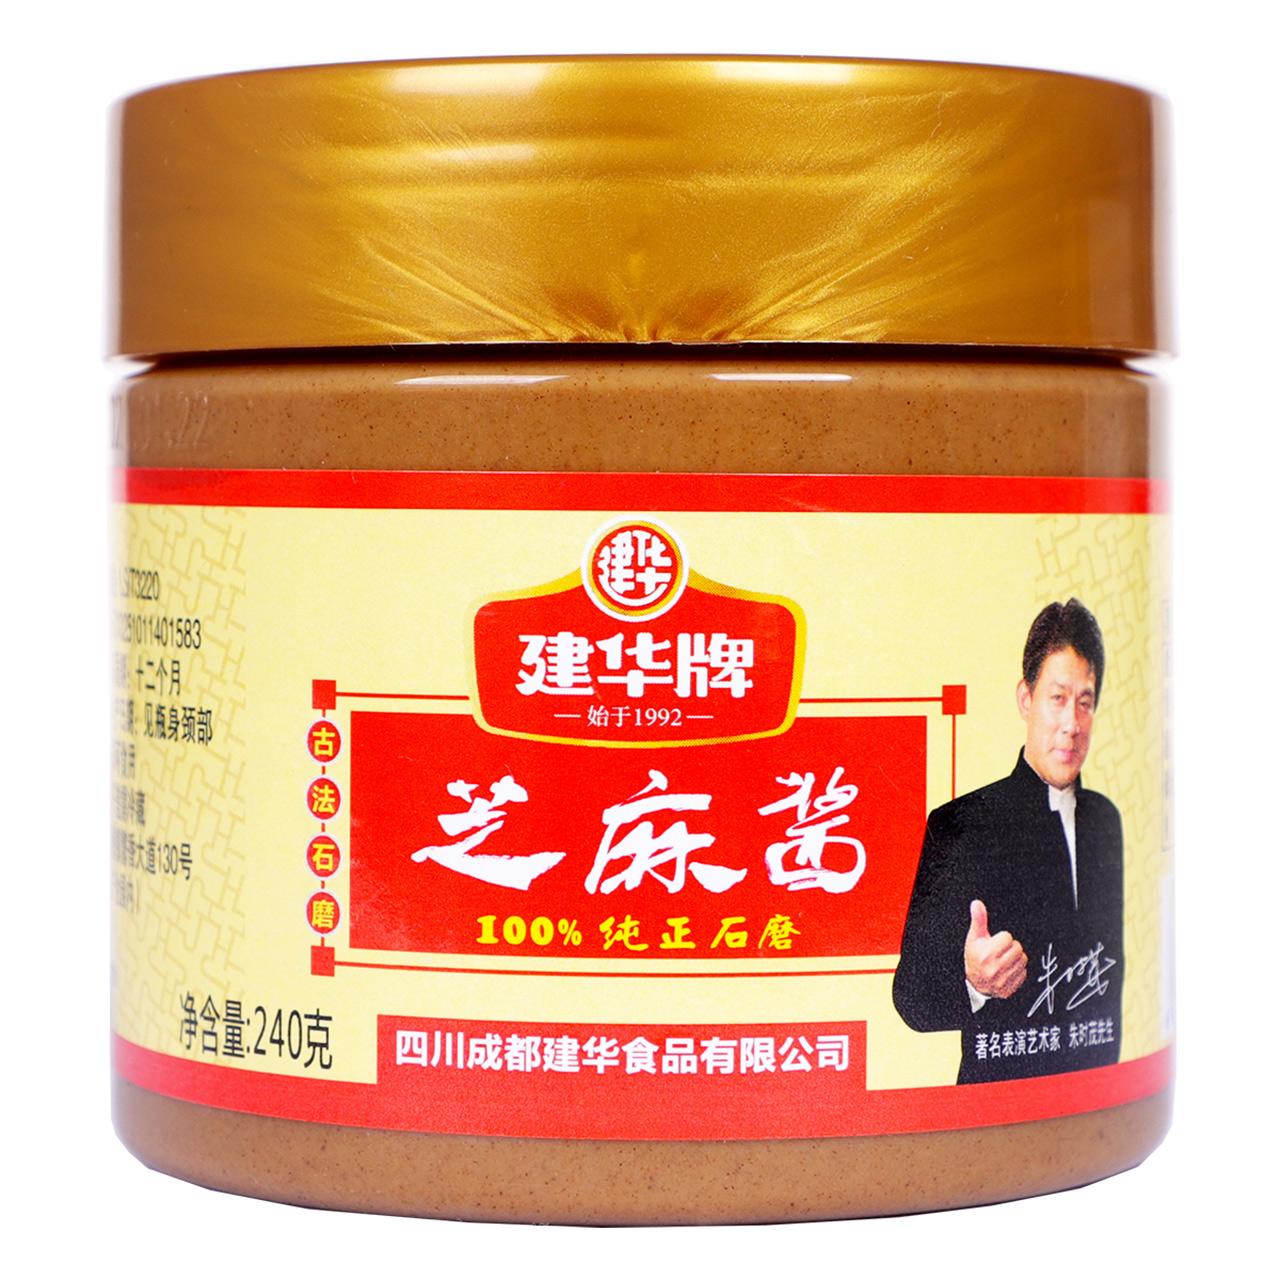 四川建华火锅蘸酱家用小包装微微辣芝麻酱担担面蘸料拌菜拌面调料